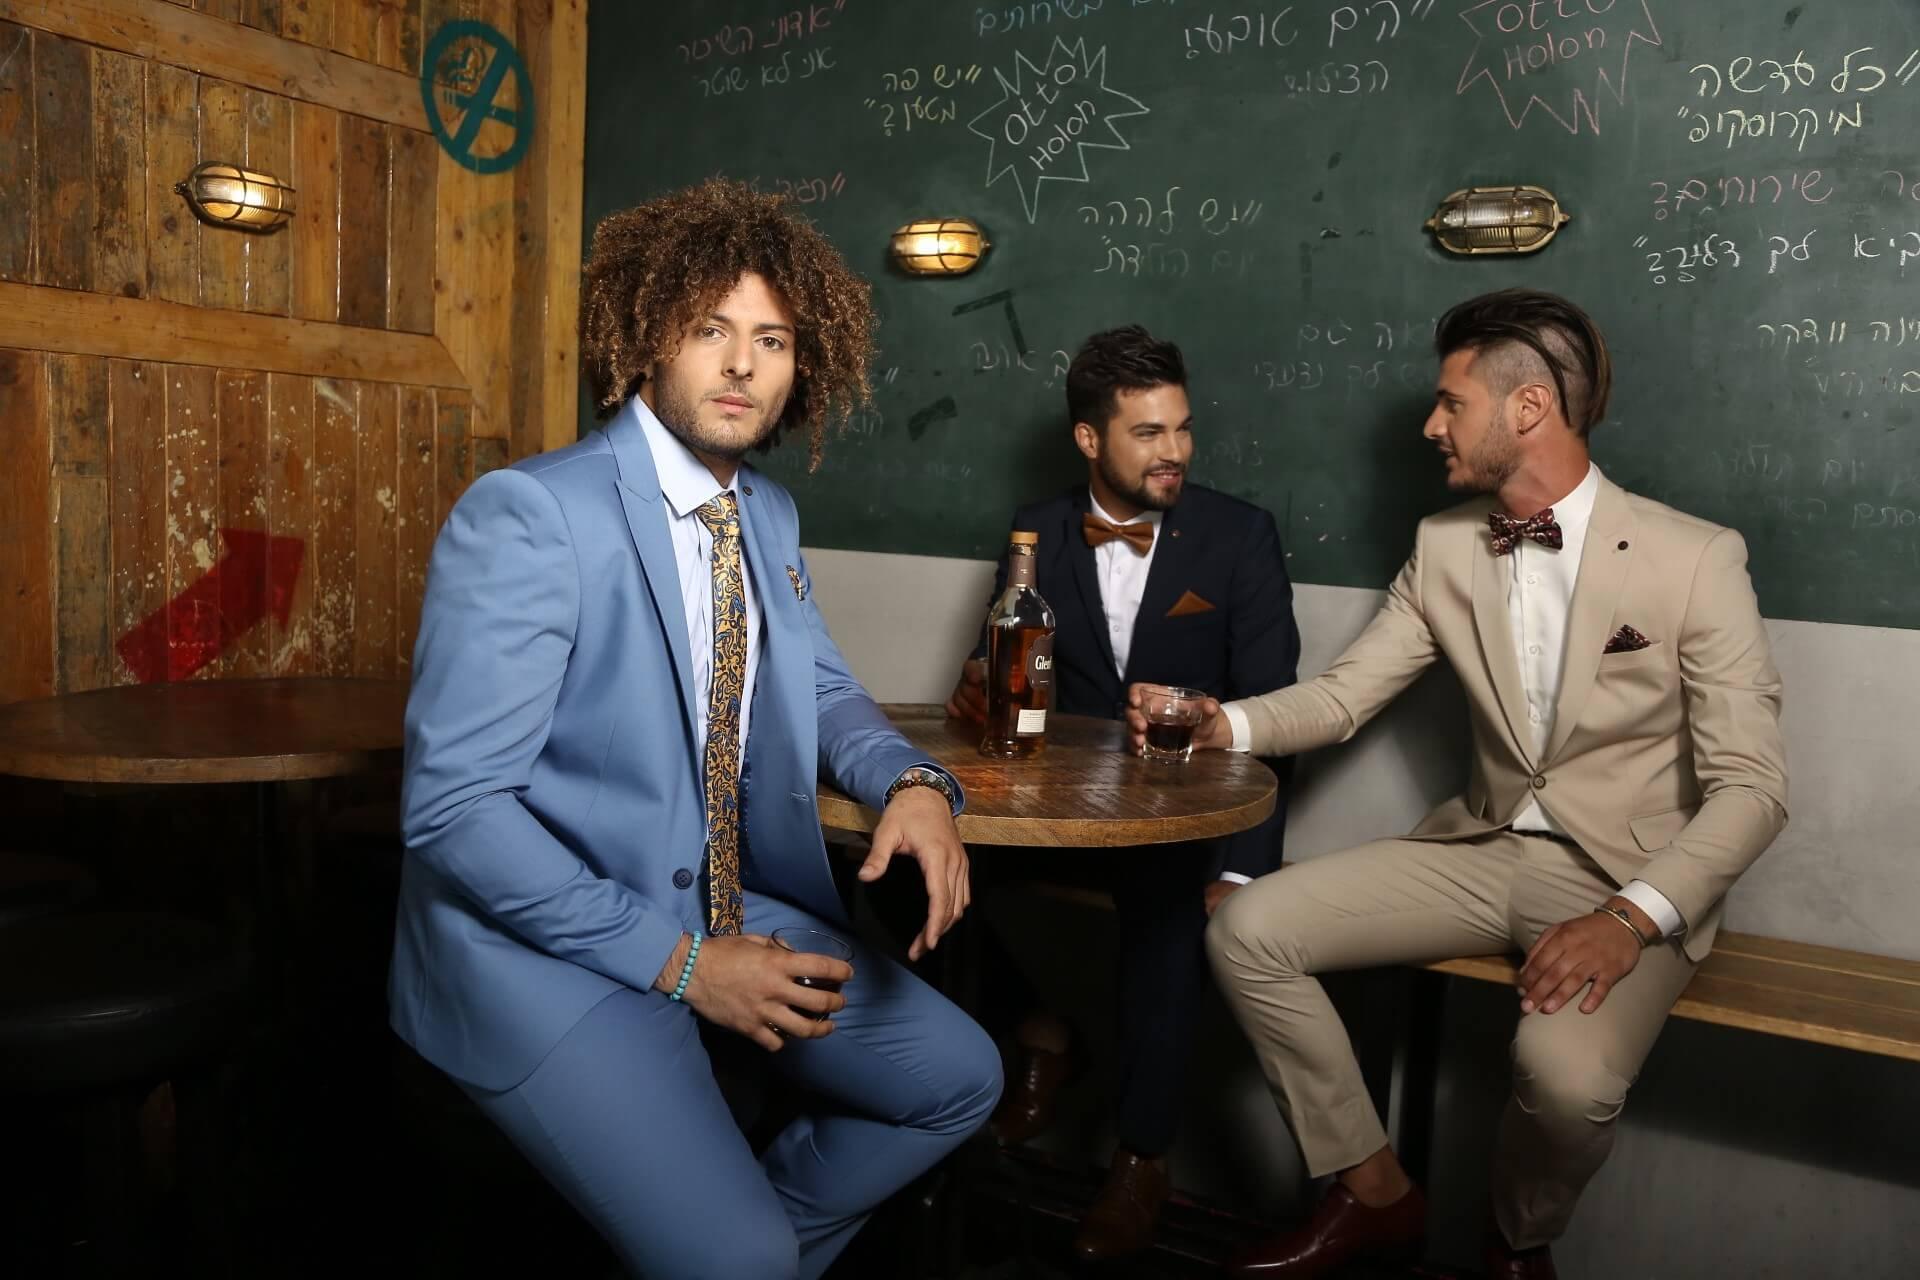 חליפות גברים בדיפלומט